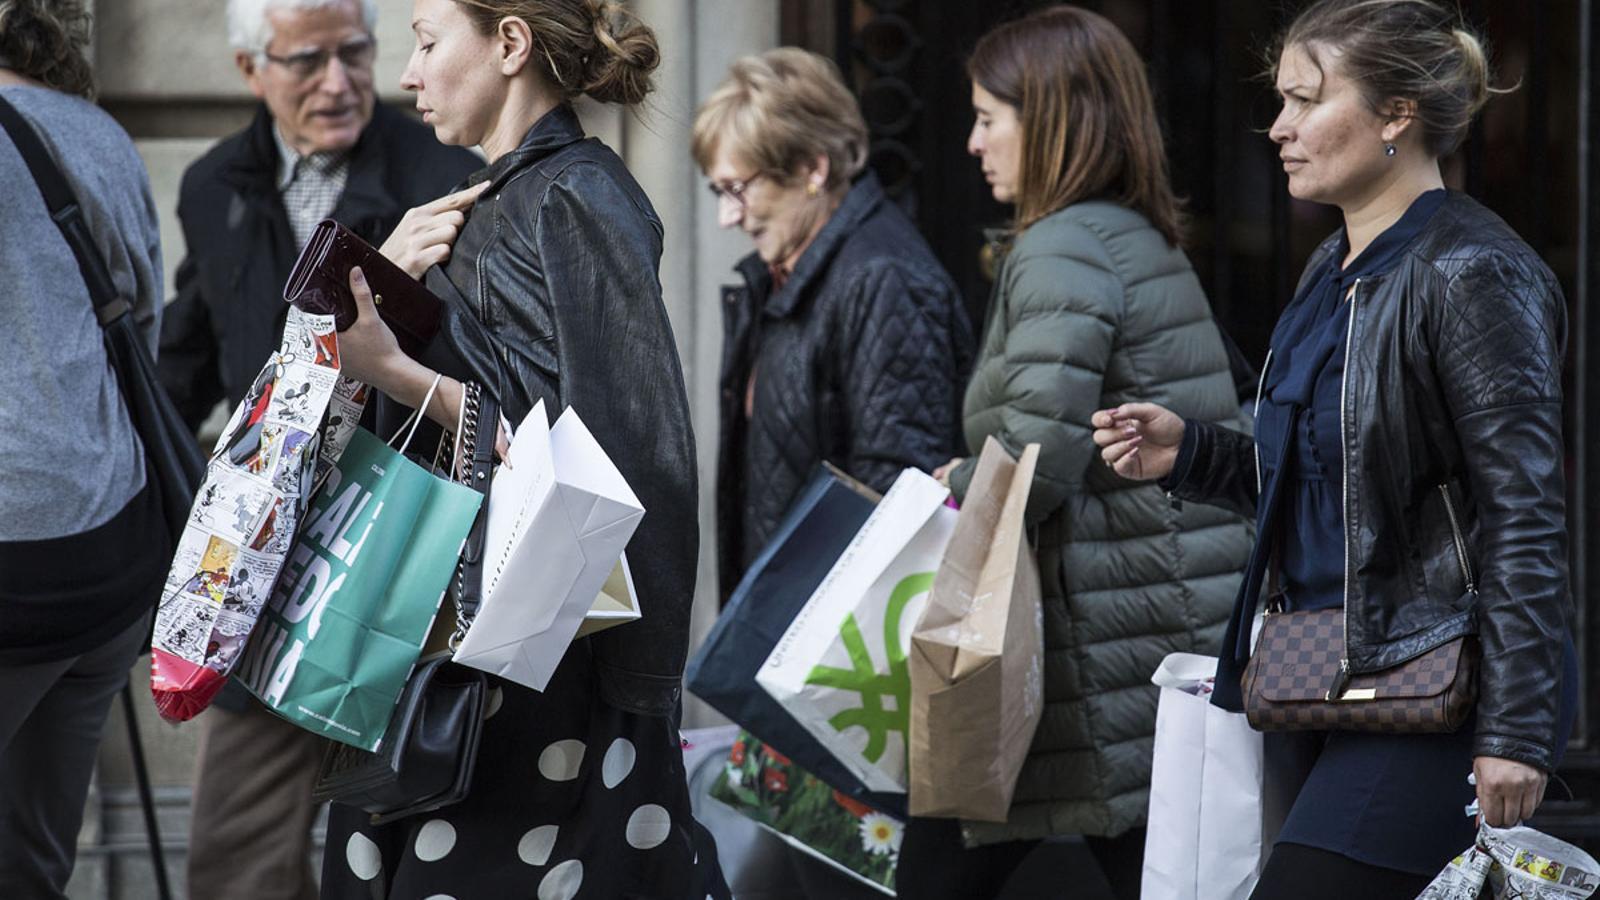 El Black Friday porta rebaixes a tots els comerços aquest divendres 27 de novembre / PERE VIRGILI